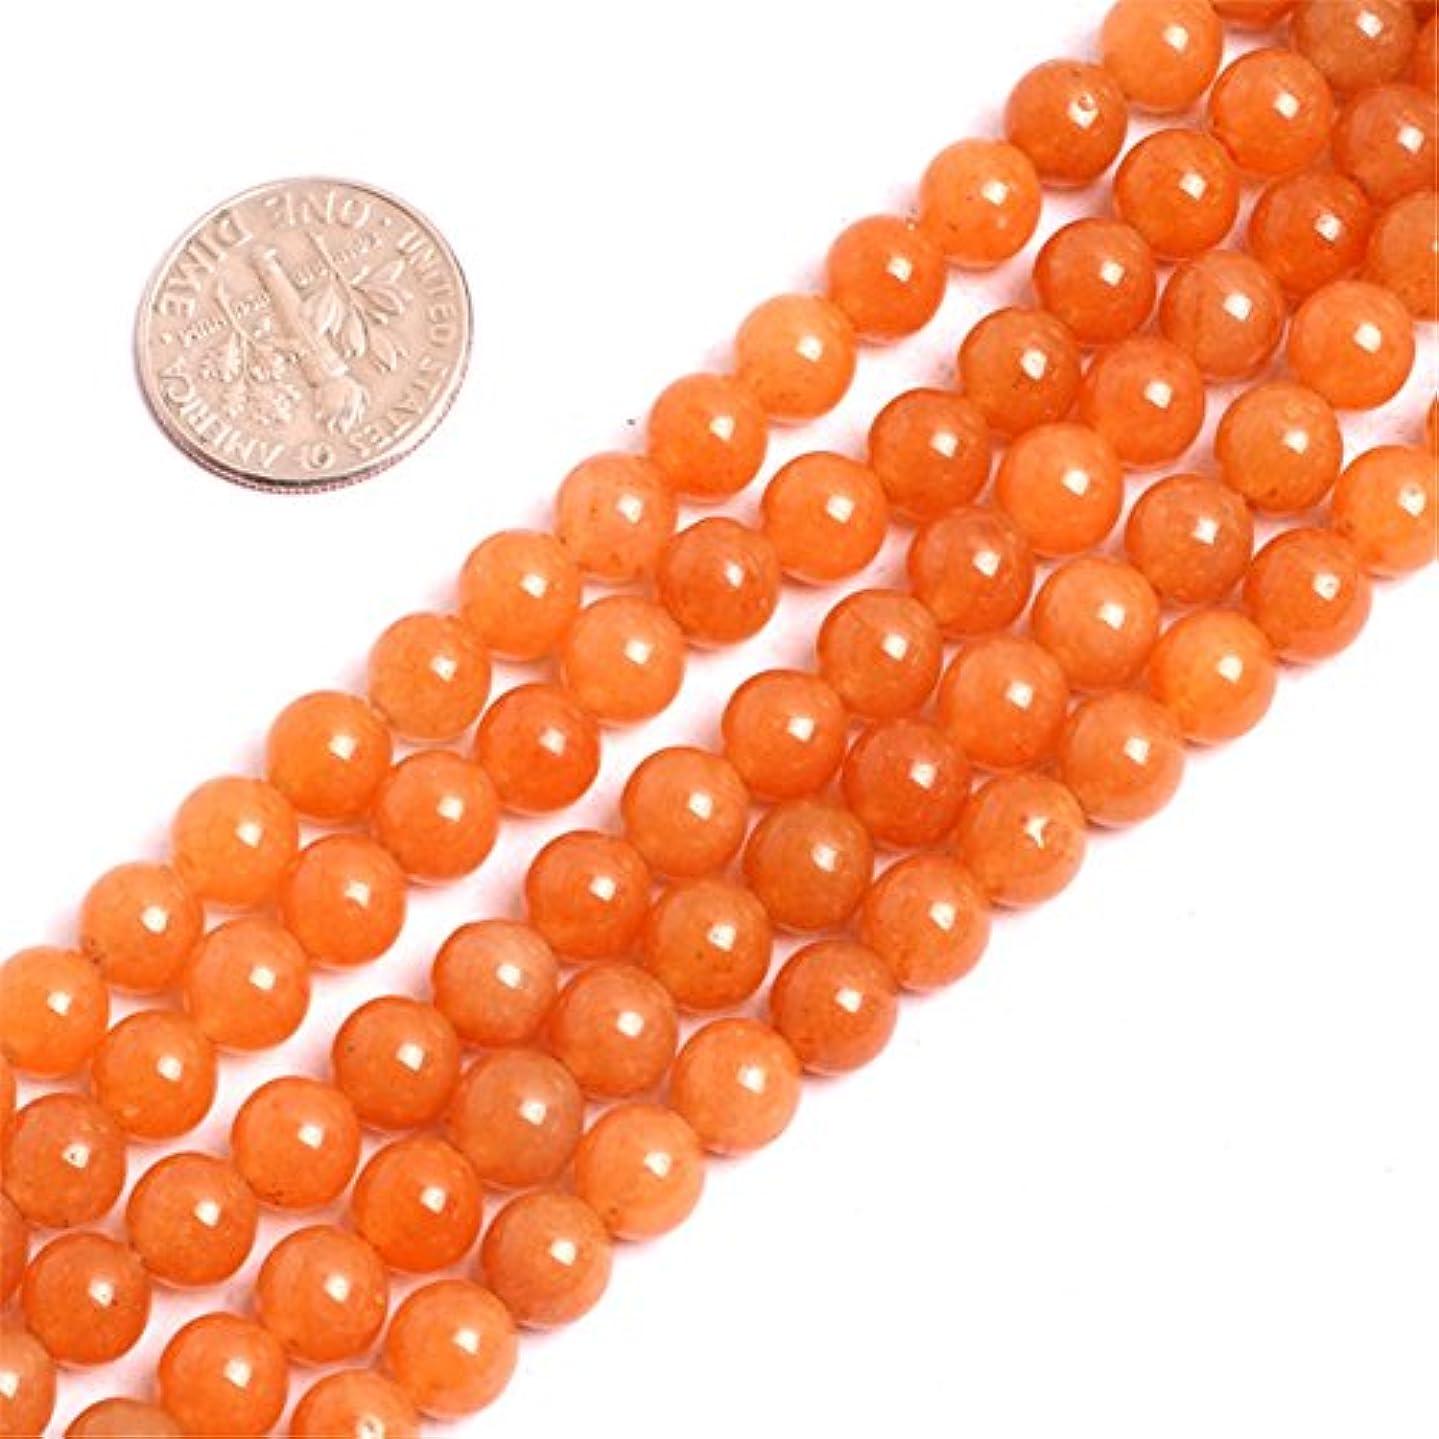 Orange Aventurine Beads for Jewelry Making Natural Gemstone Semi Precious 6mm Round 15